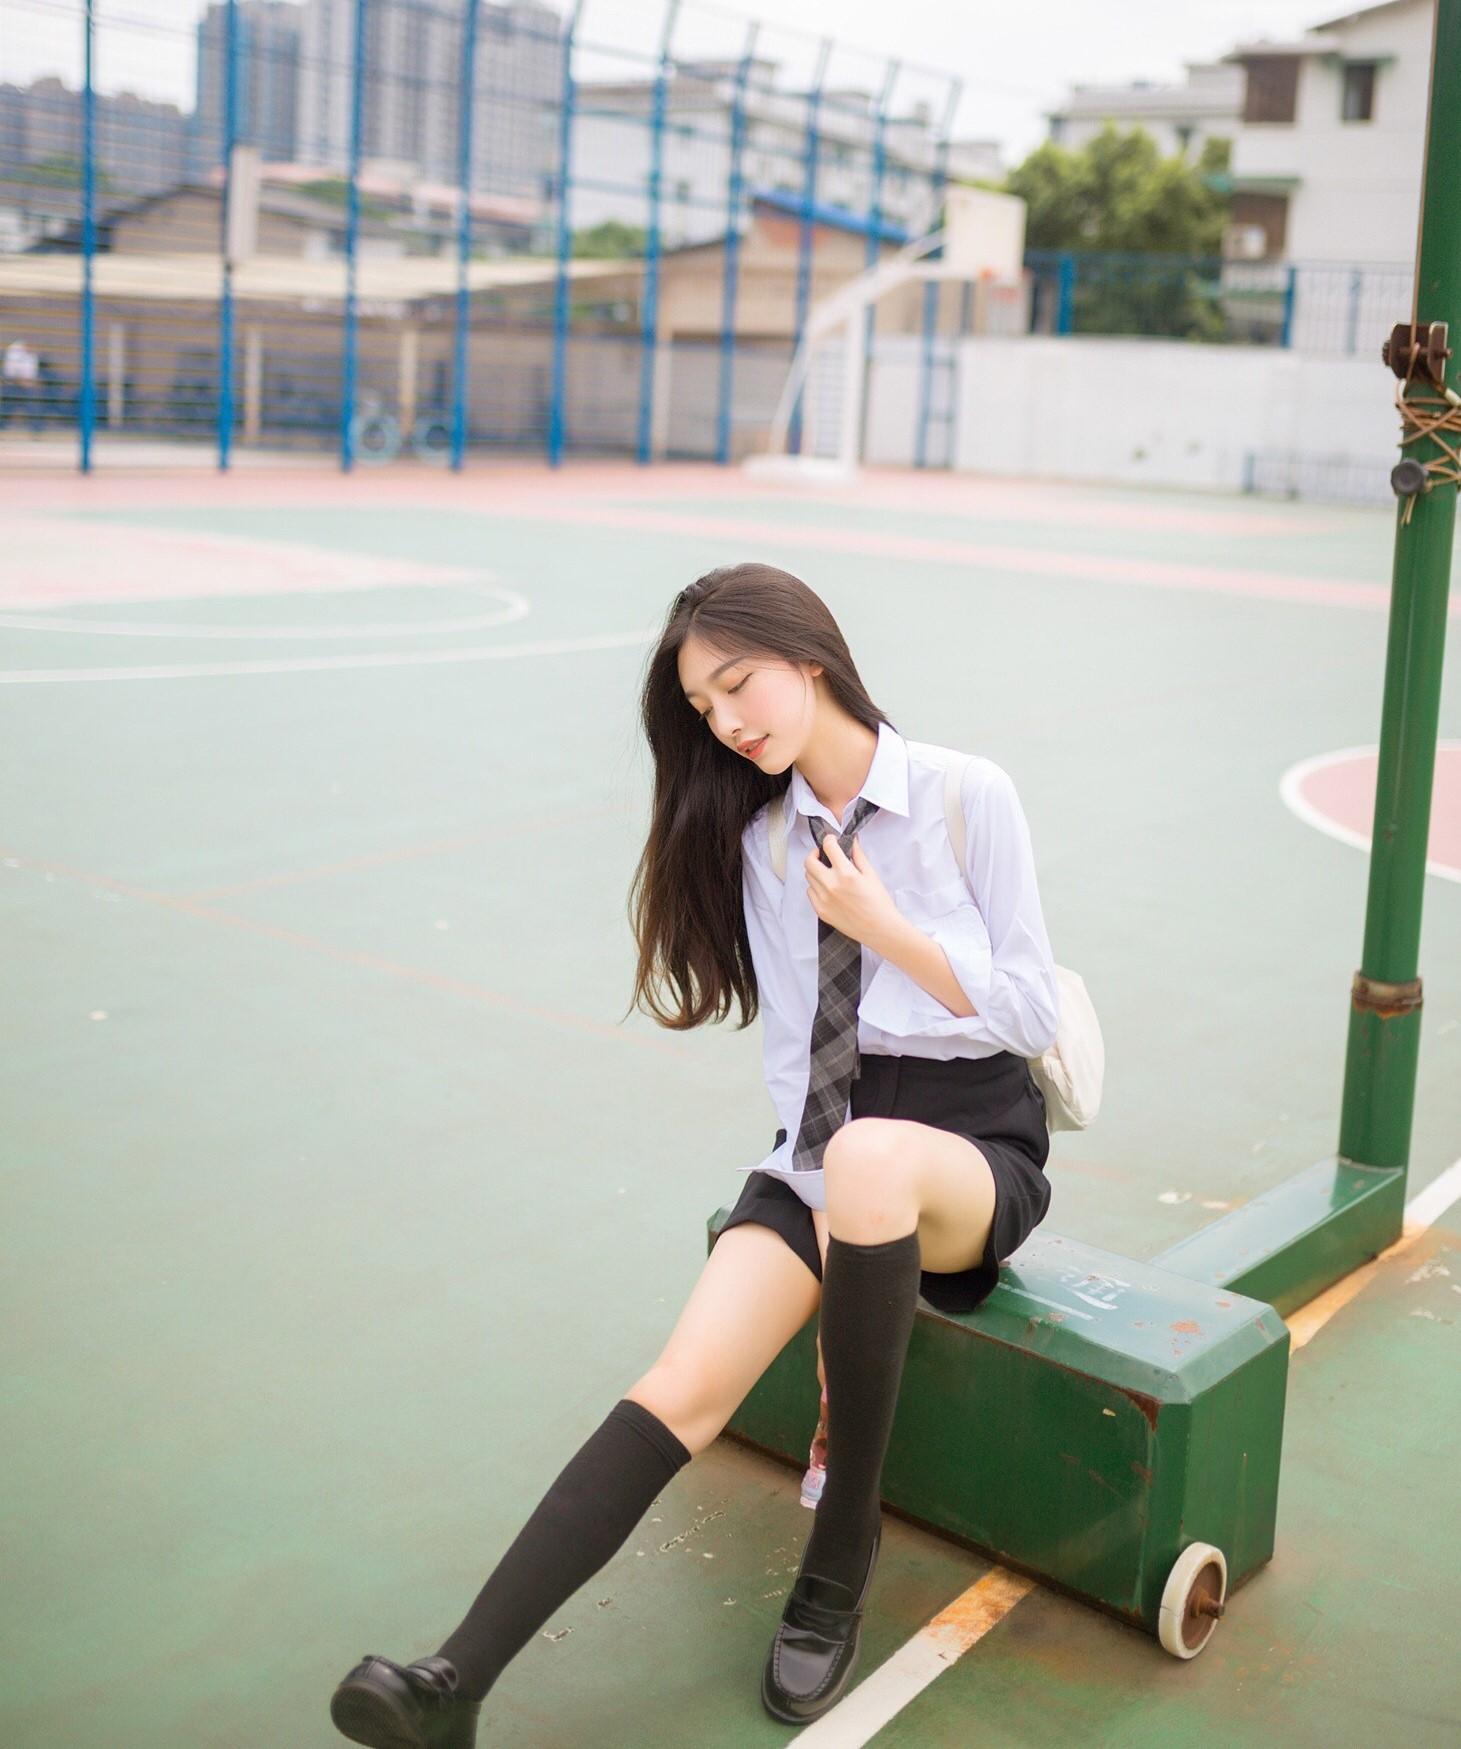 Chỉ nhờ một bức ảnh xuất thần, cô bạn Trung Quốc đã được mệnh danh nữ thần góc nghiêng - Ảnh 6.